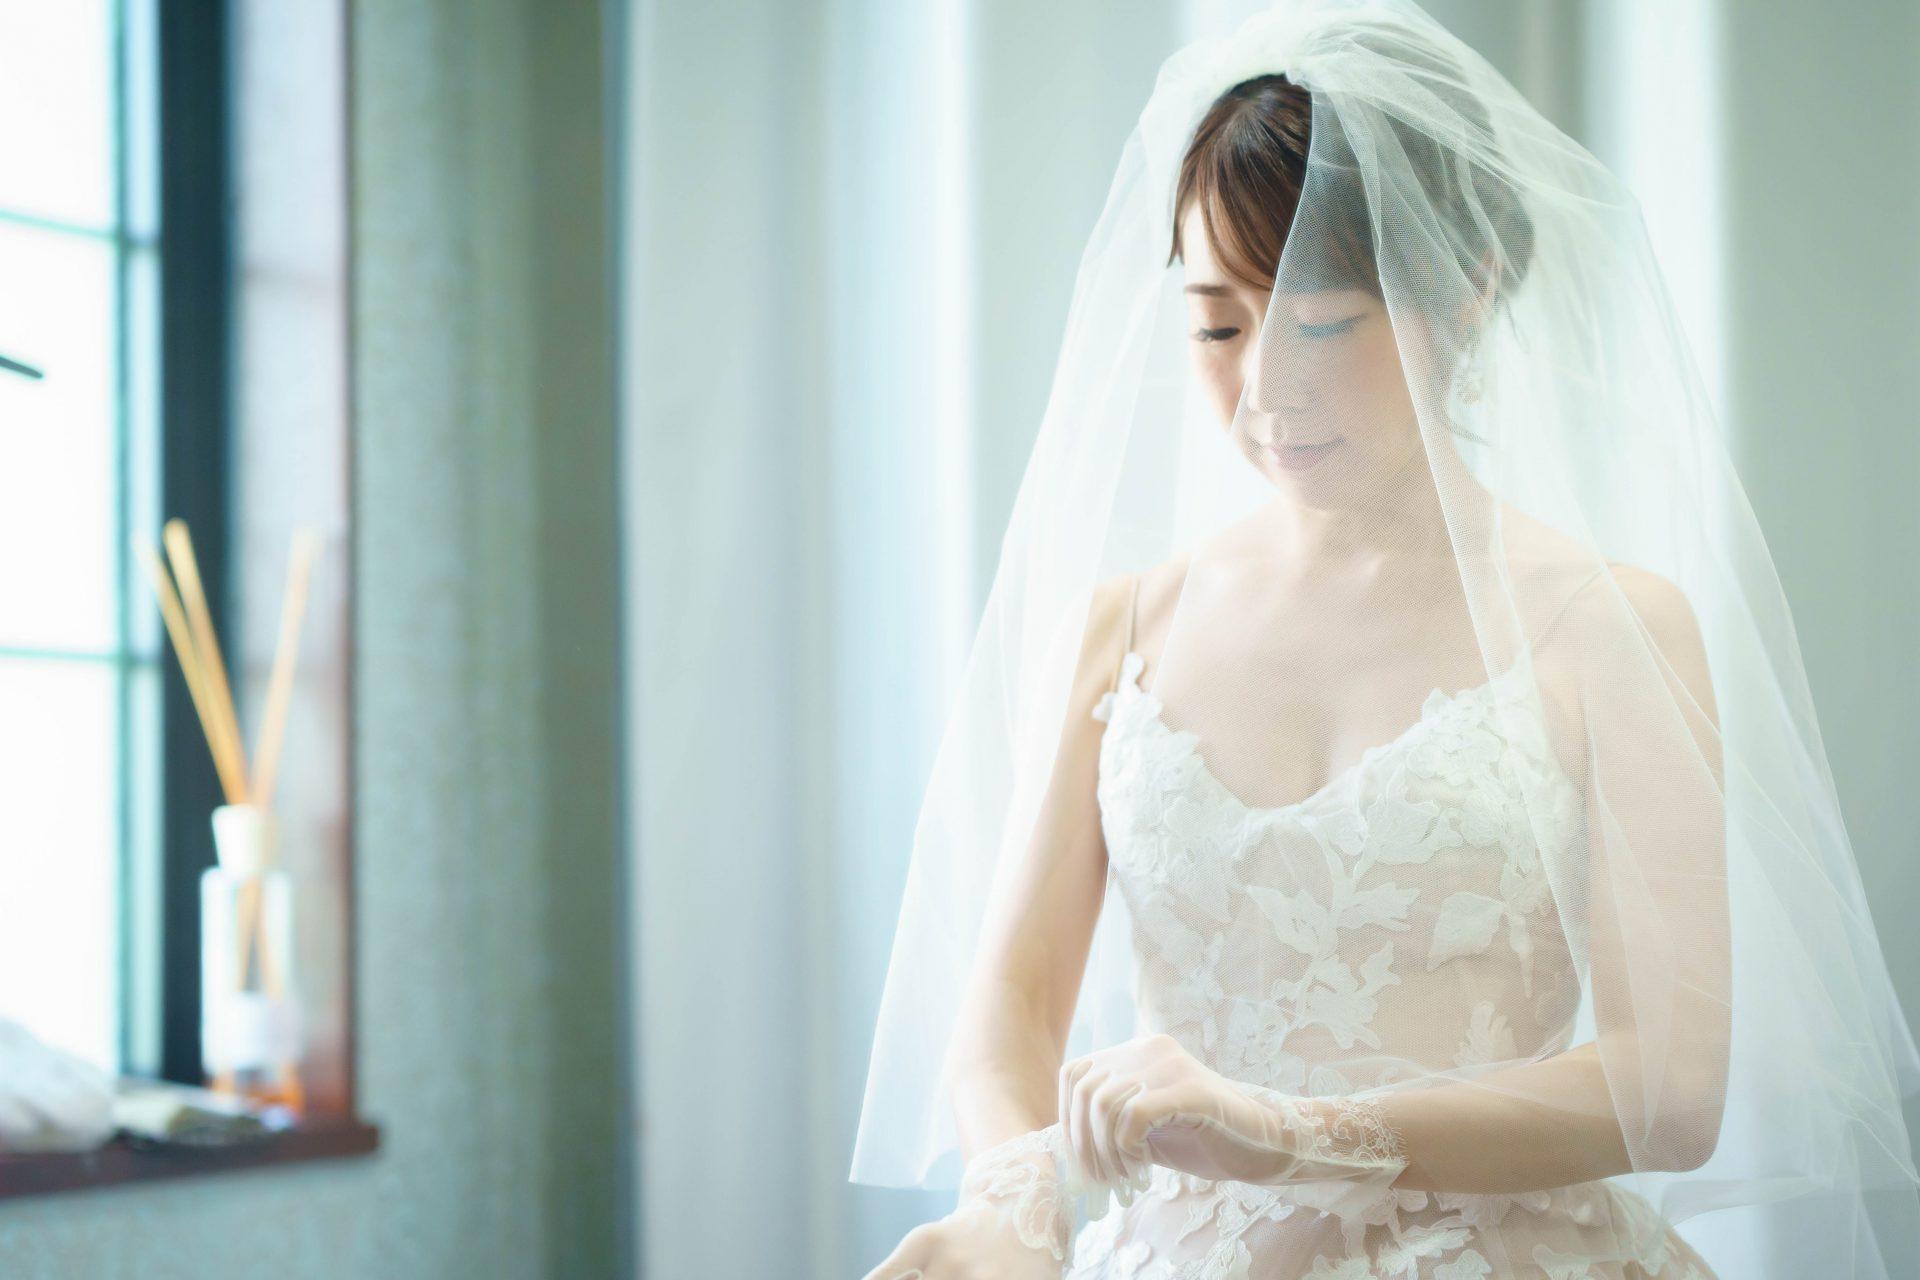 フォーチュンガーデン京都店の提携会場フォーチュンガーデン京都でお式を挙げられる新婦様におすすめしたい胸元のデザインがお洒落でレースが美しいウエディングドレス